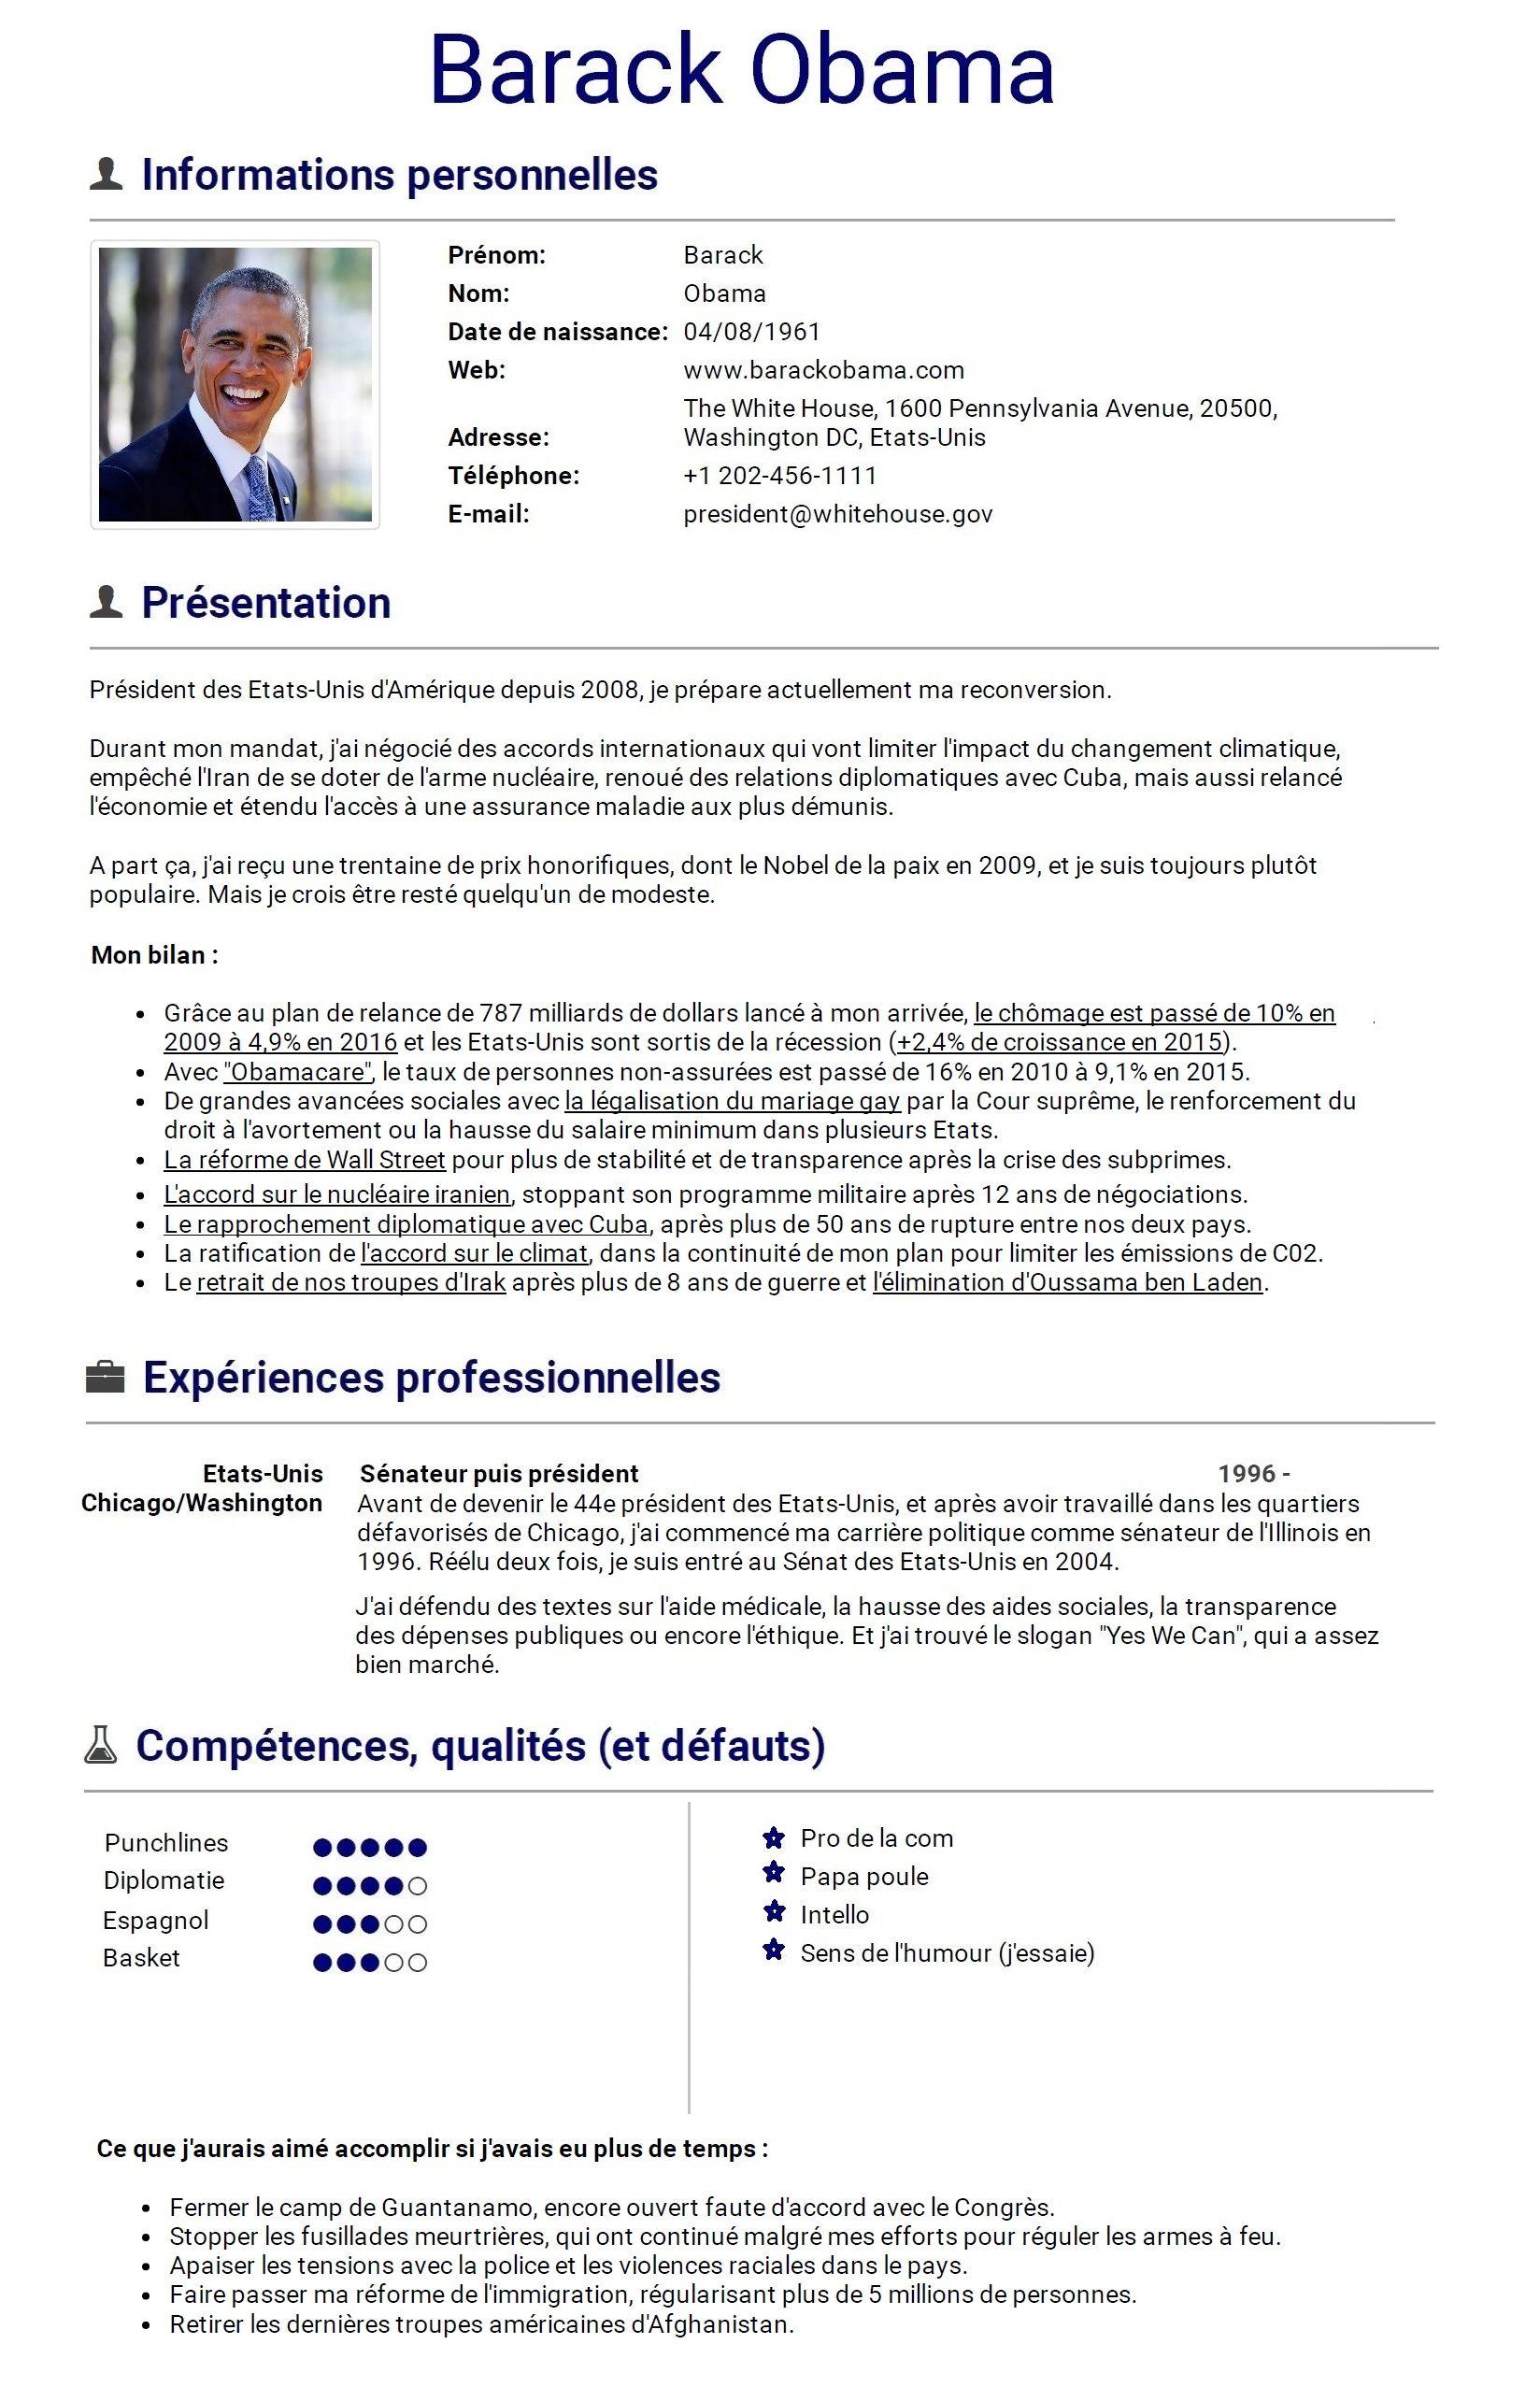 Le CV de Barack Obama, qui sera bientôt au chômage | Barack obama